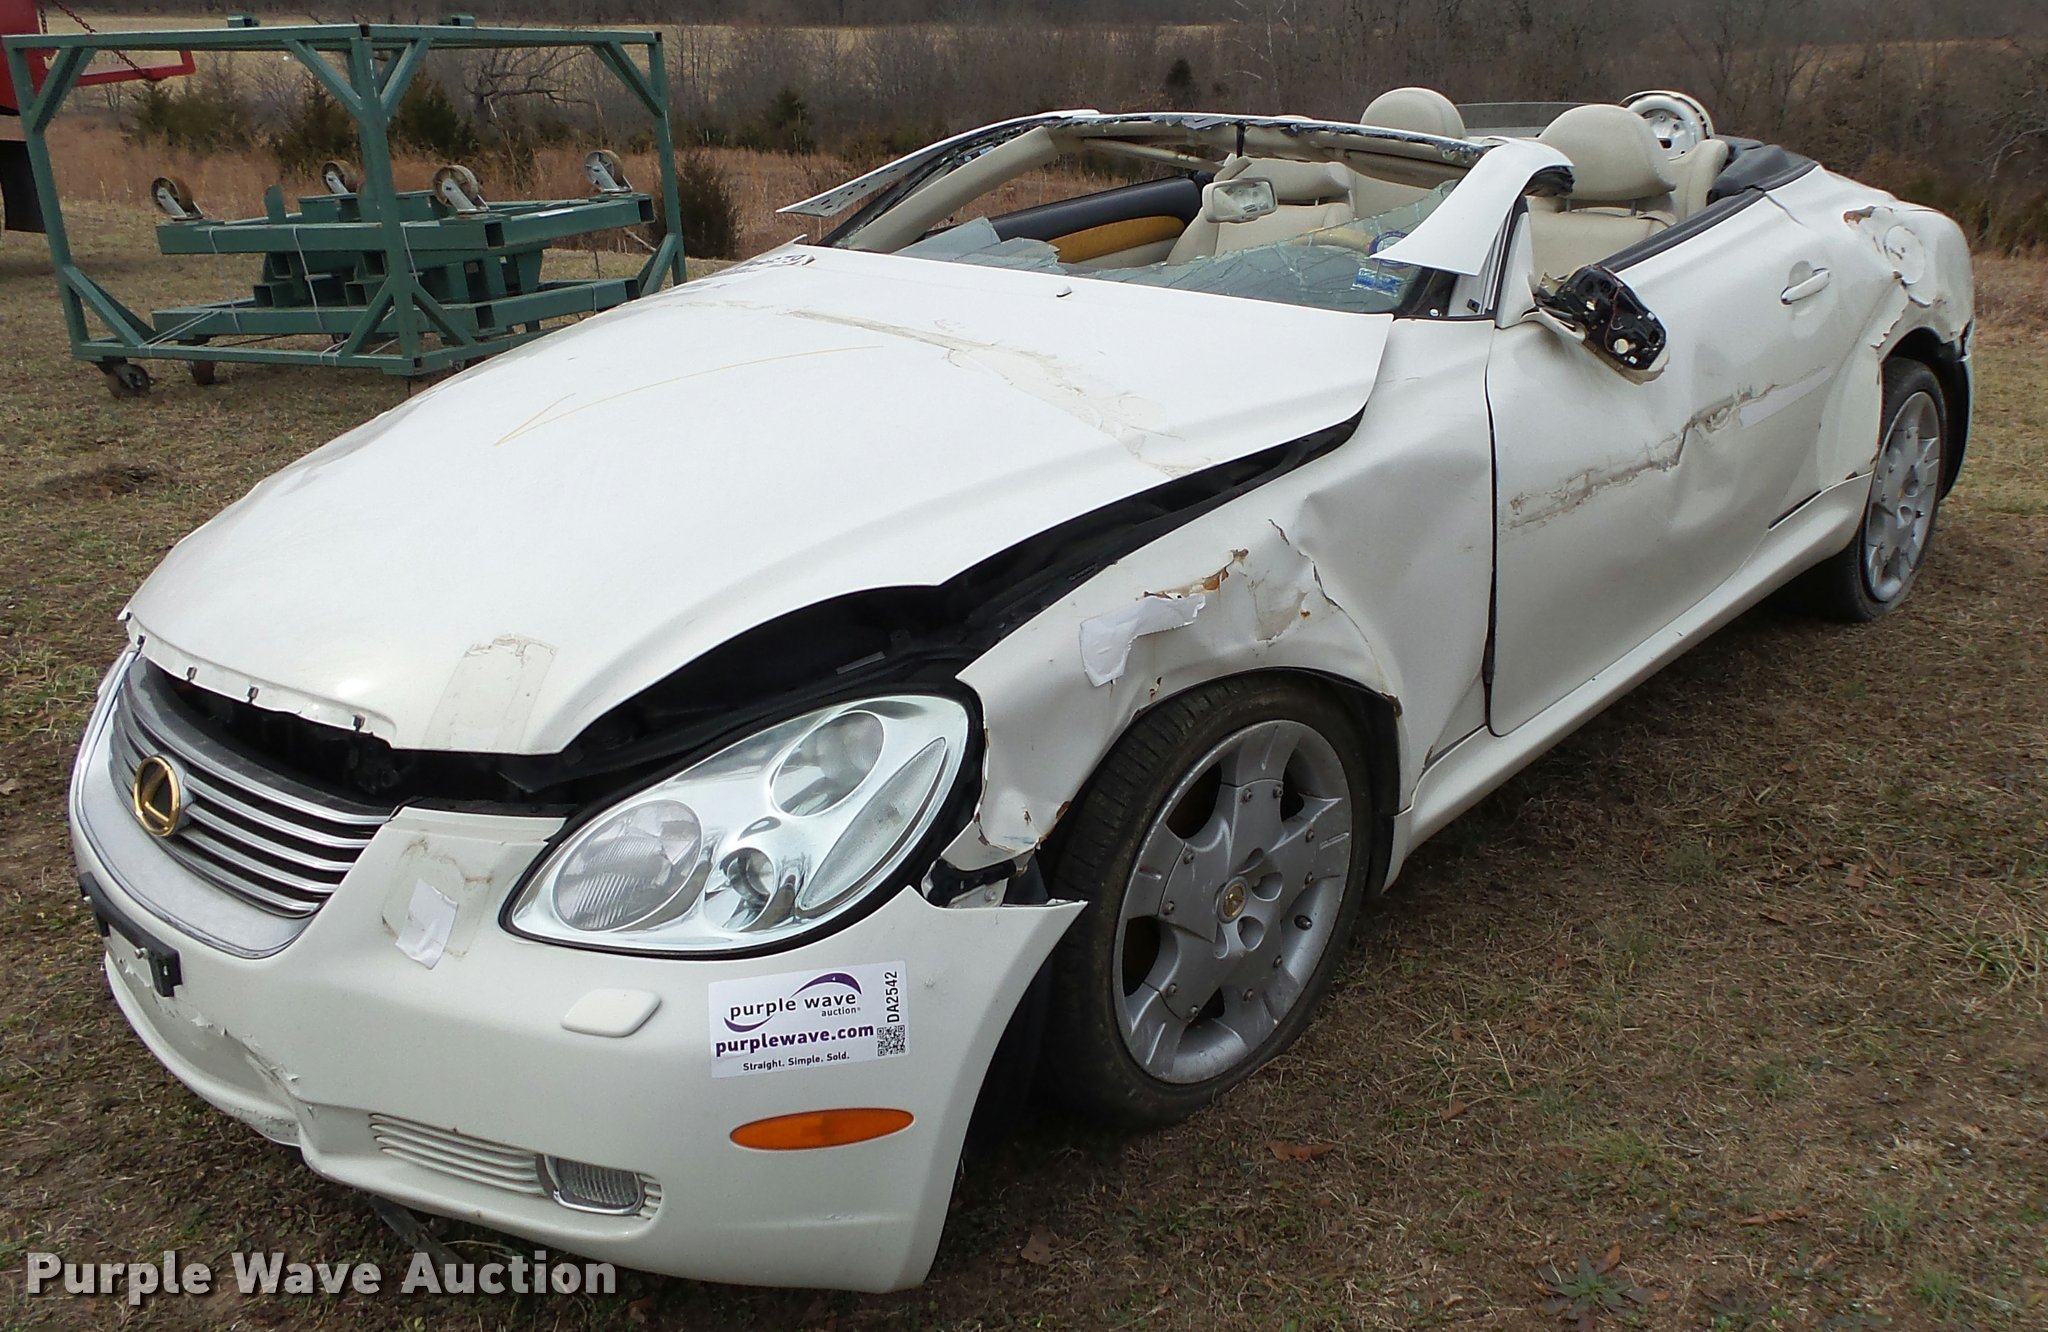 2004 Lexus SC430 convertible Item DA2542